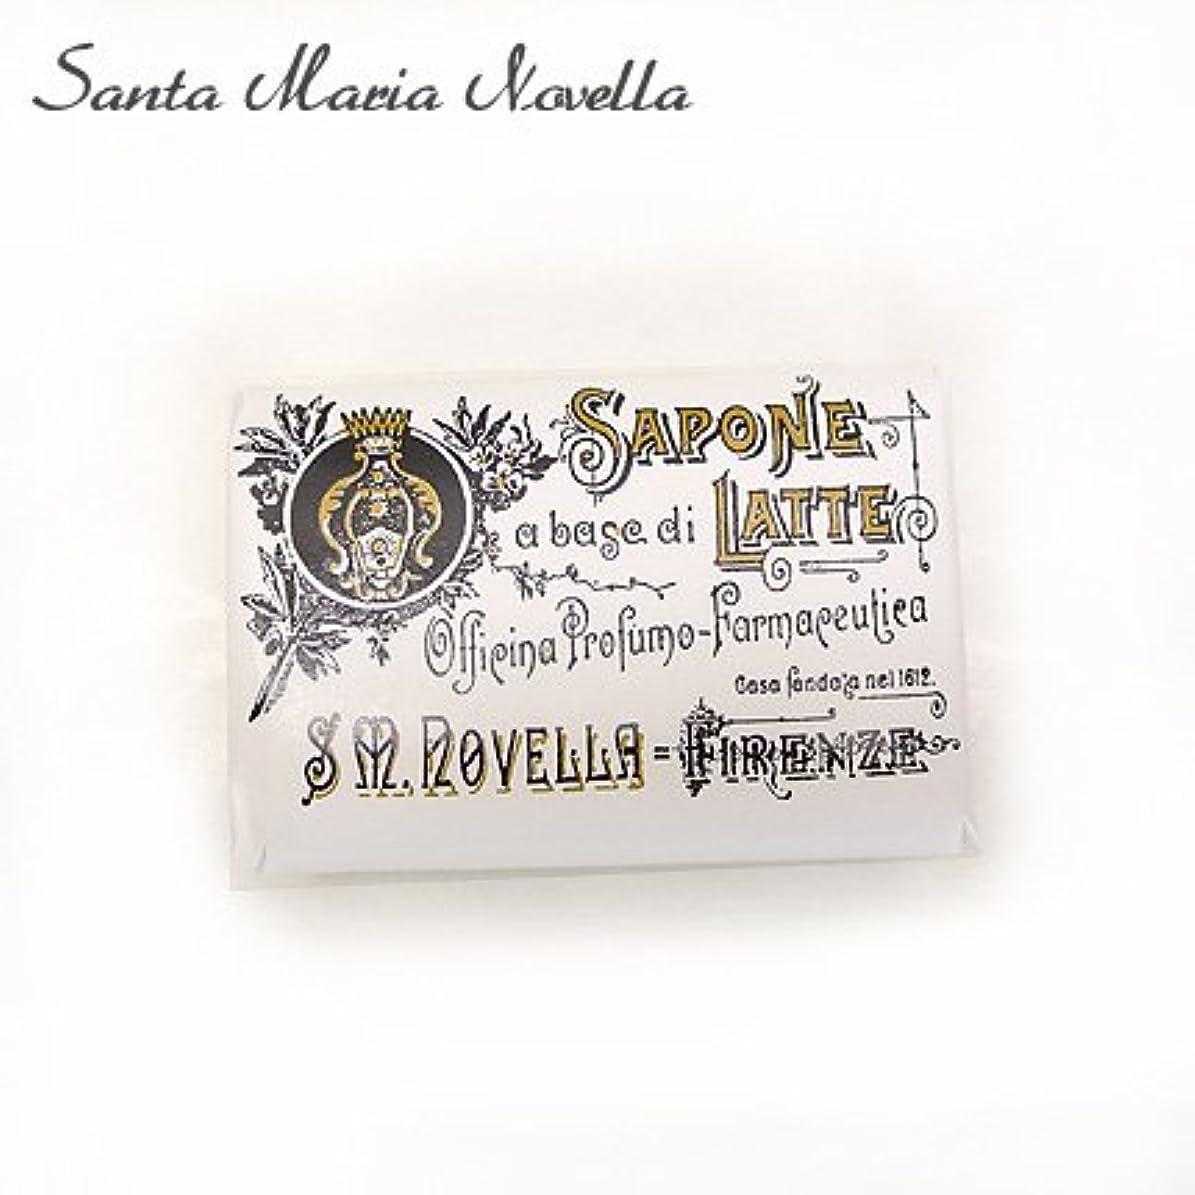 熱意せっかち一【Santa Maria Novella(サンタマリアノヴェッラ)】 石鹸 ミルクソープ カーネーション 100g (38940217) [並行輸入品]